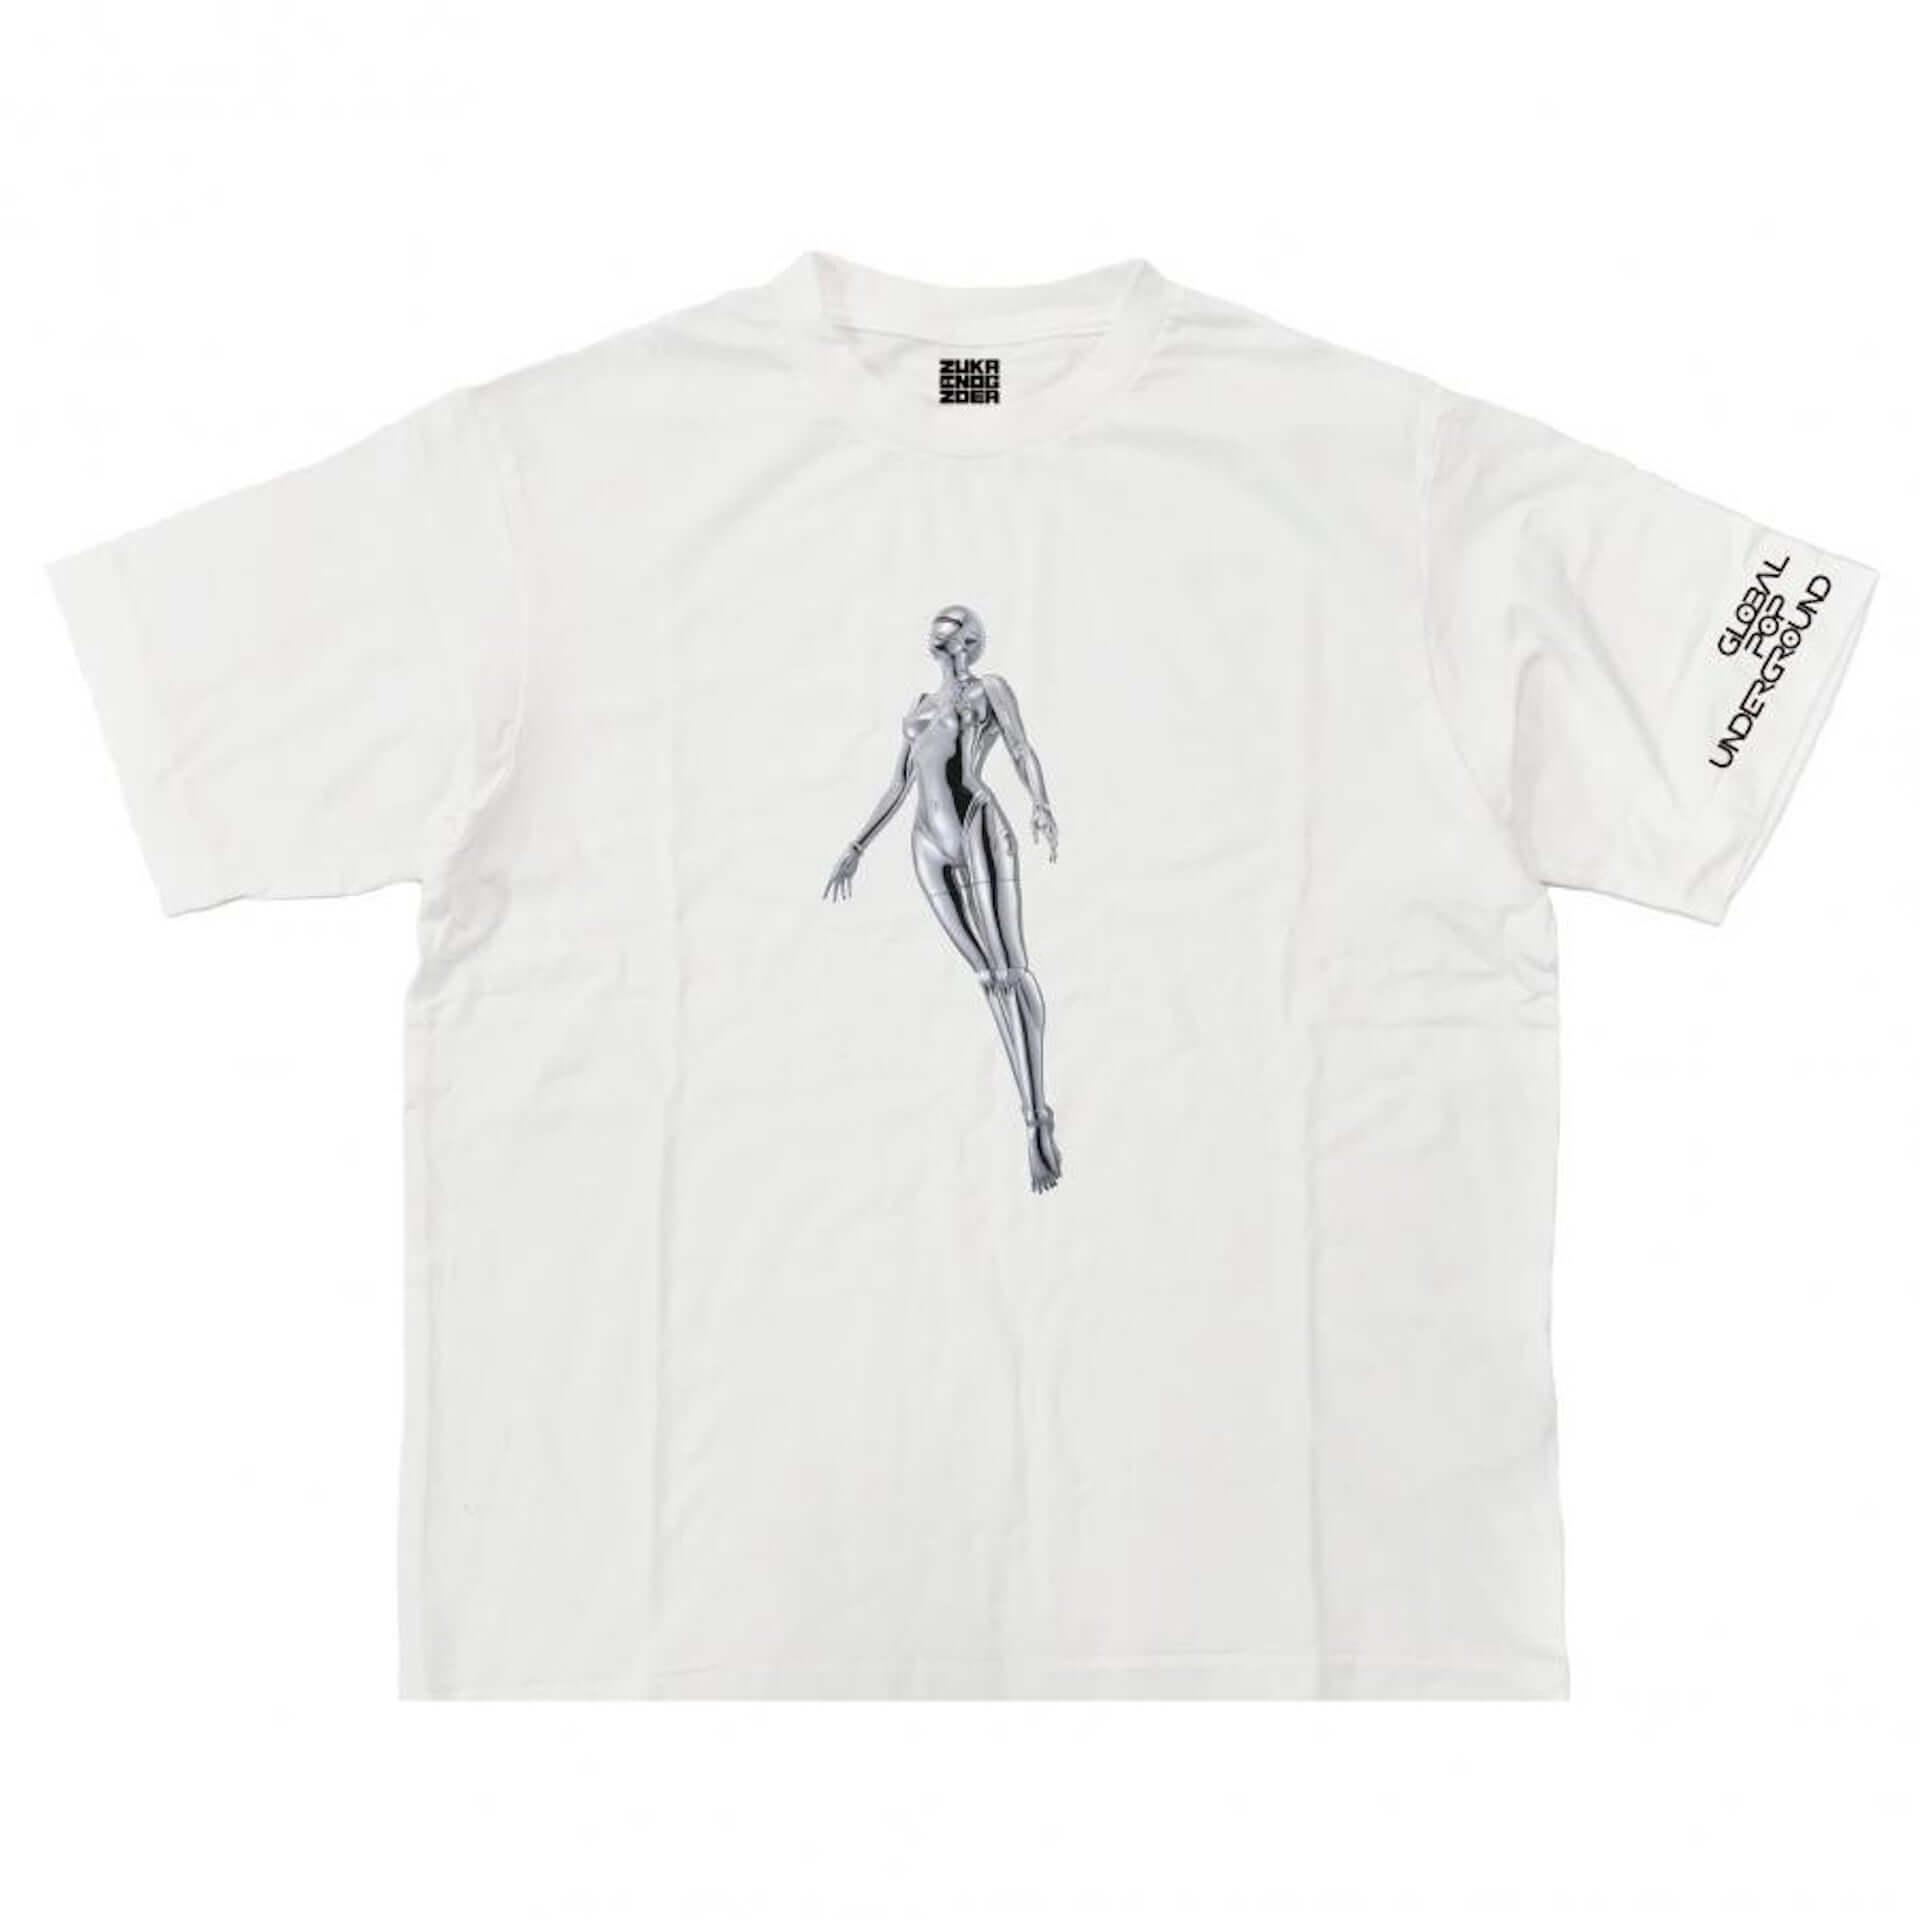 山口はるみ、空山基も参加!NANZUKA<GLOBAL POP UNDERGROUND>の限定Tシャツがリリース|オンライン展示も開始 art200715_parco_gpu_8-1920x1920